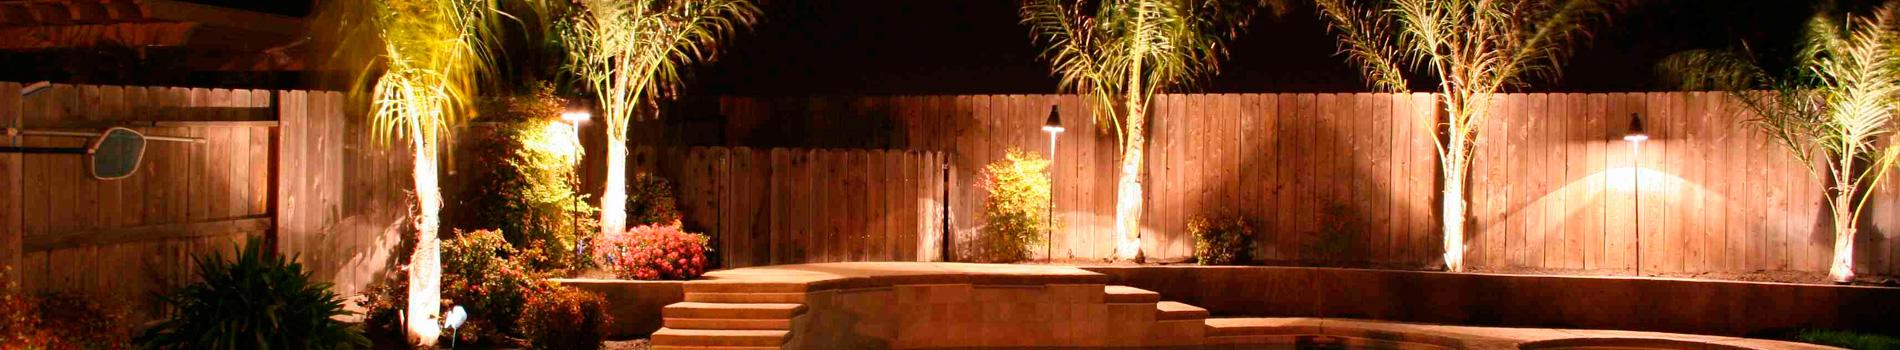 Lumipro iluminacion de exterior monterrey iluminacion para for Iluminacion exterior jardin diseno